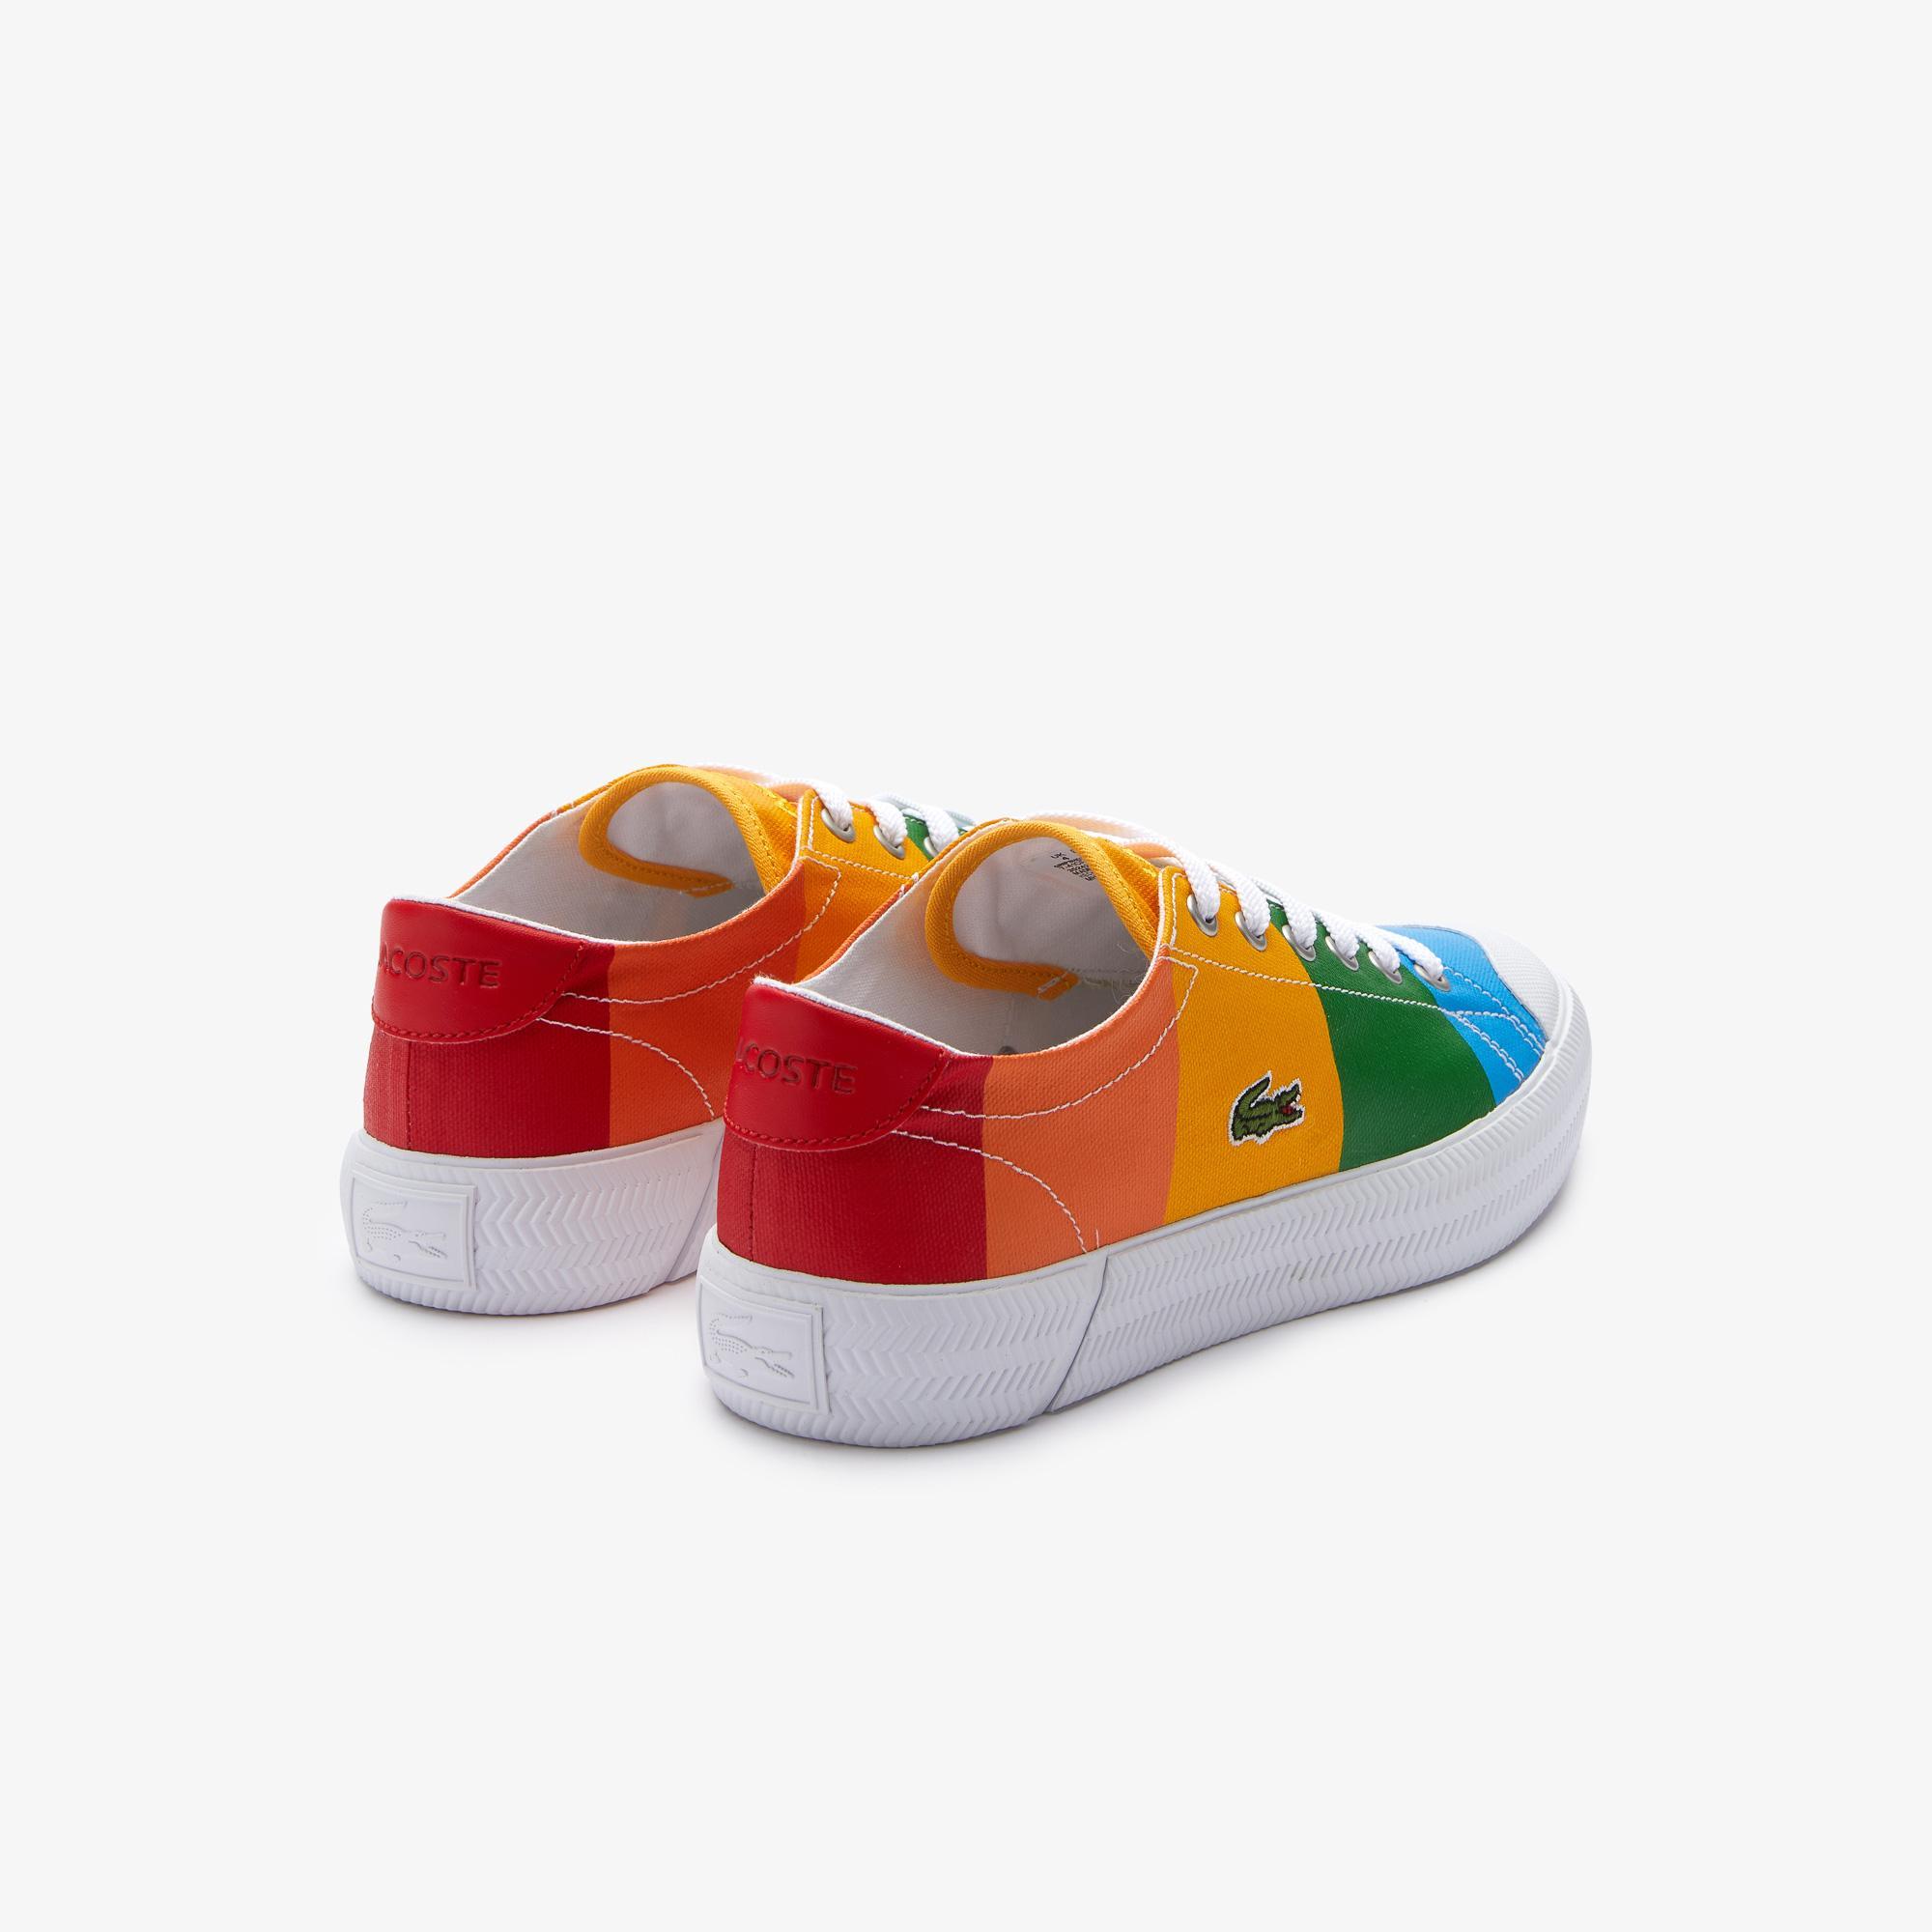 Lacoste Women's Grıpshot Plr 0921 1 Cfa Shoes